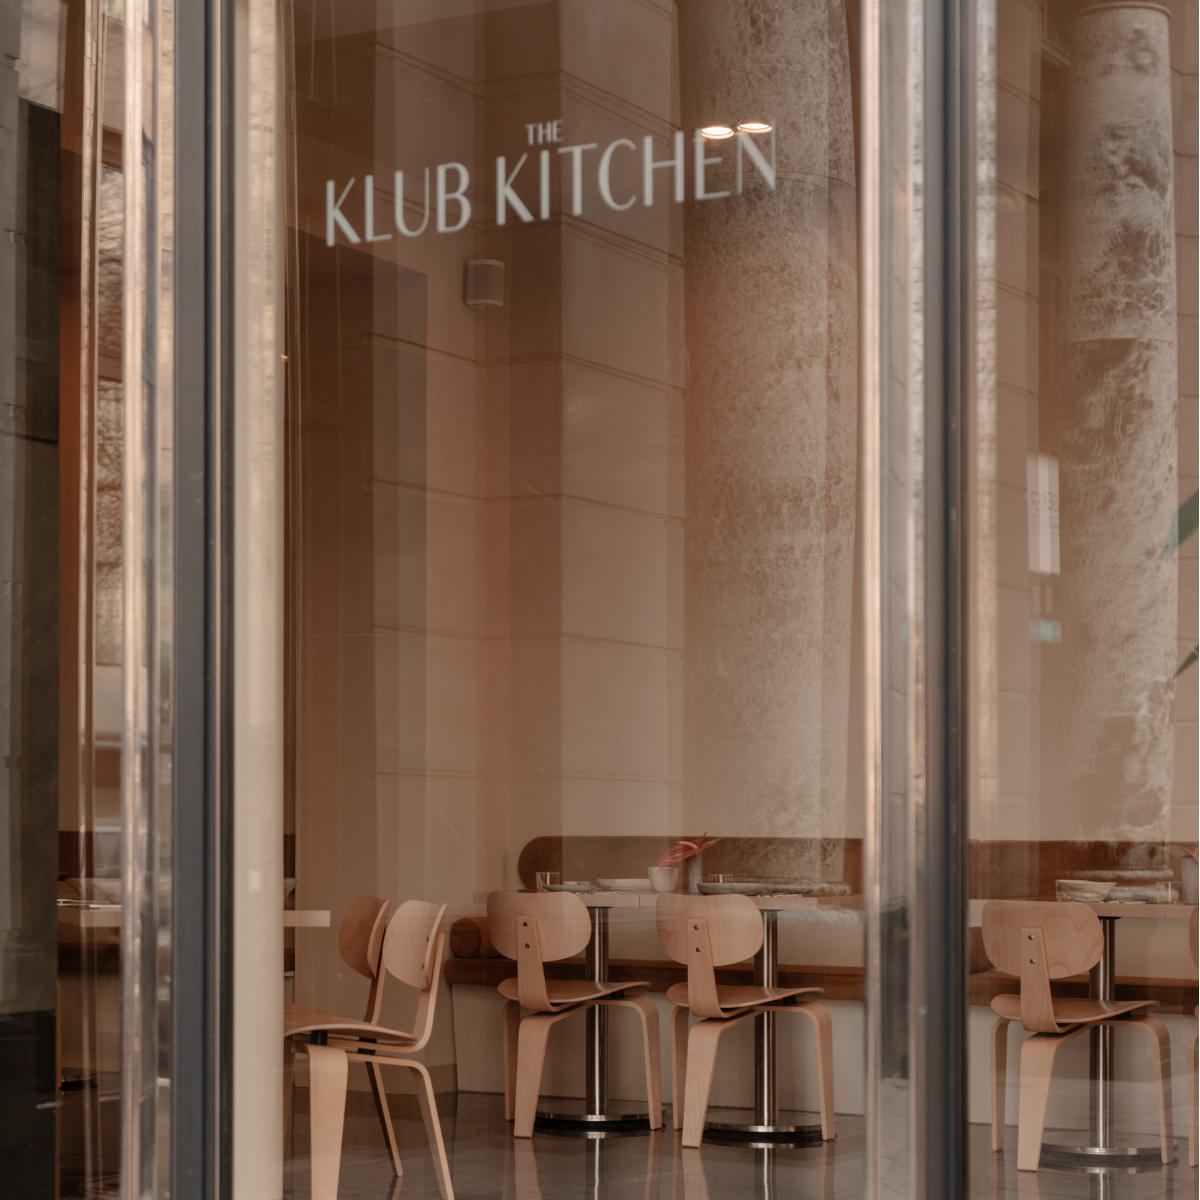 Klub Kitchen West Berlin (3)